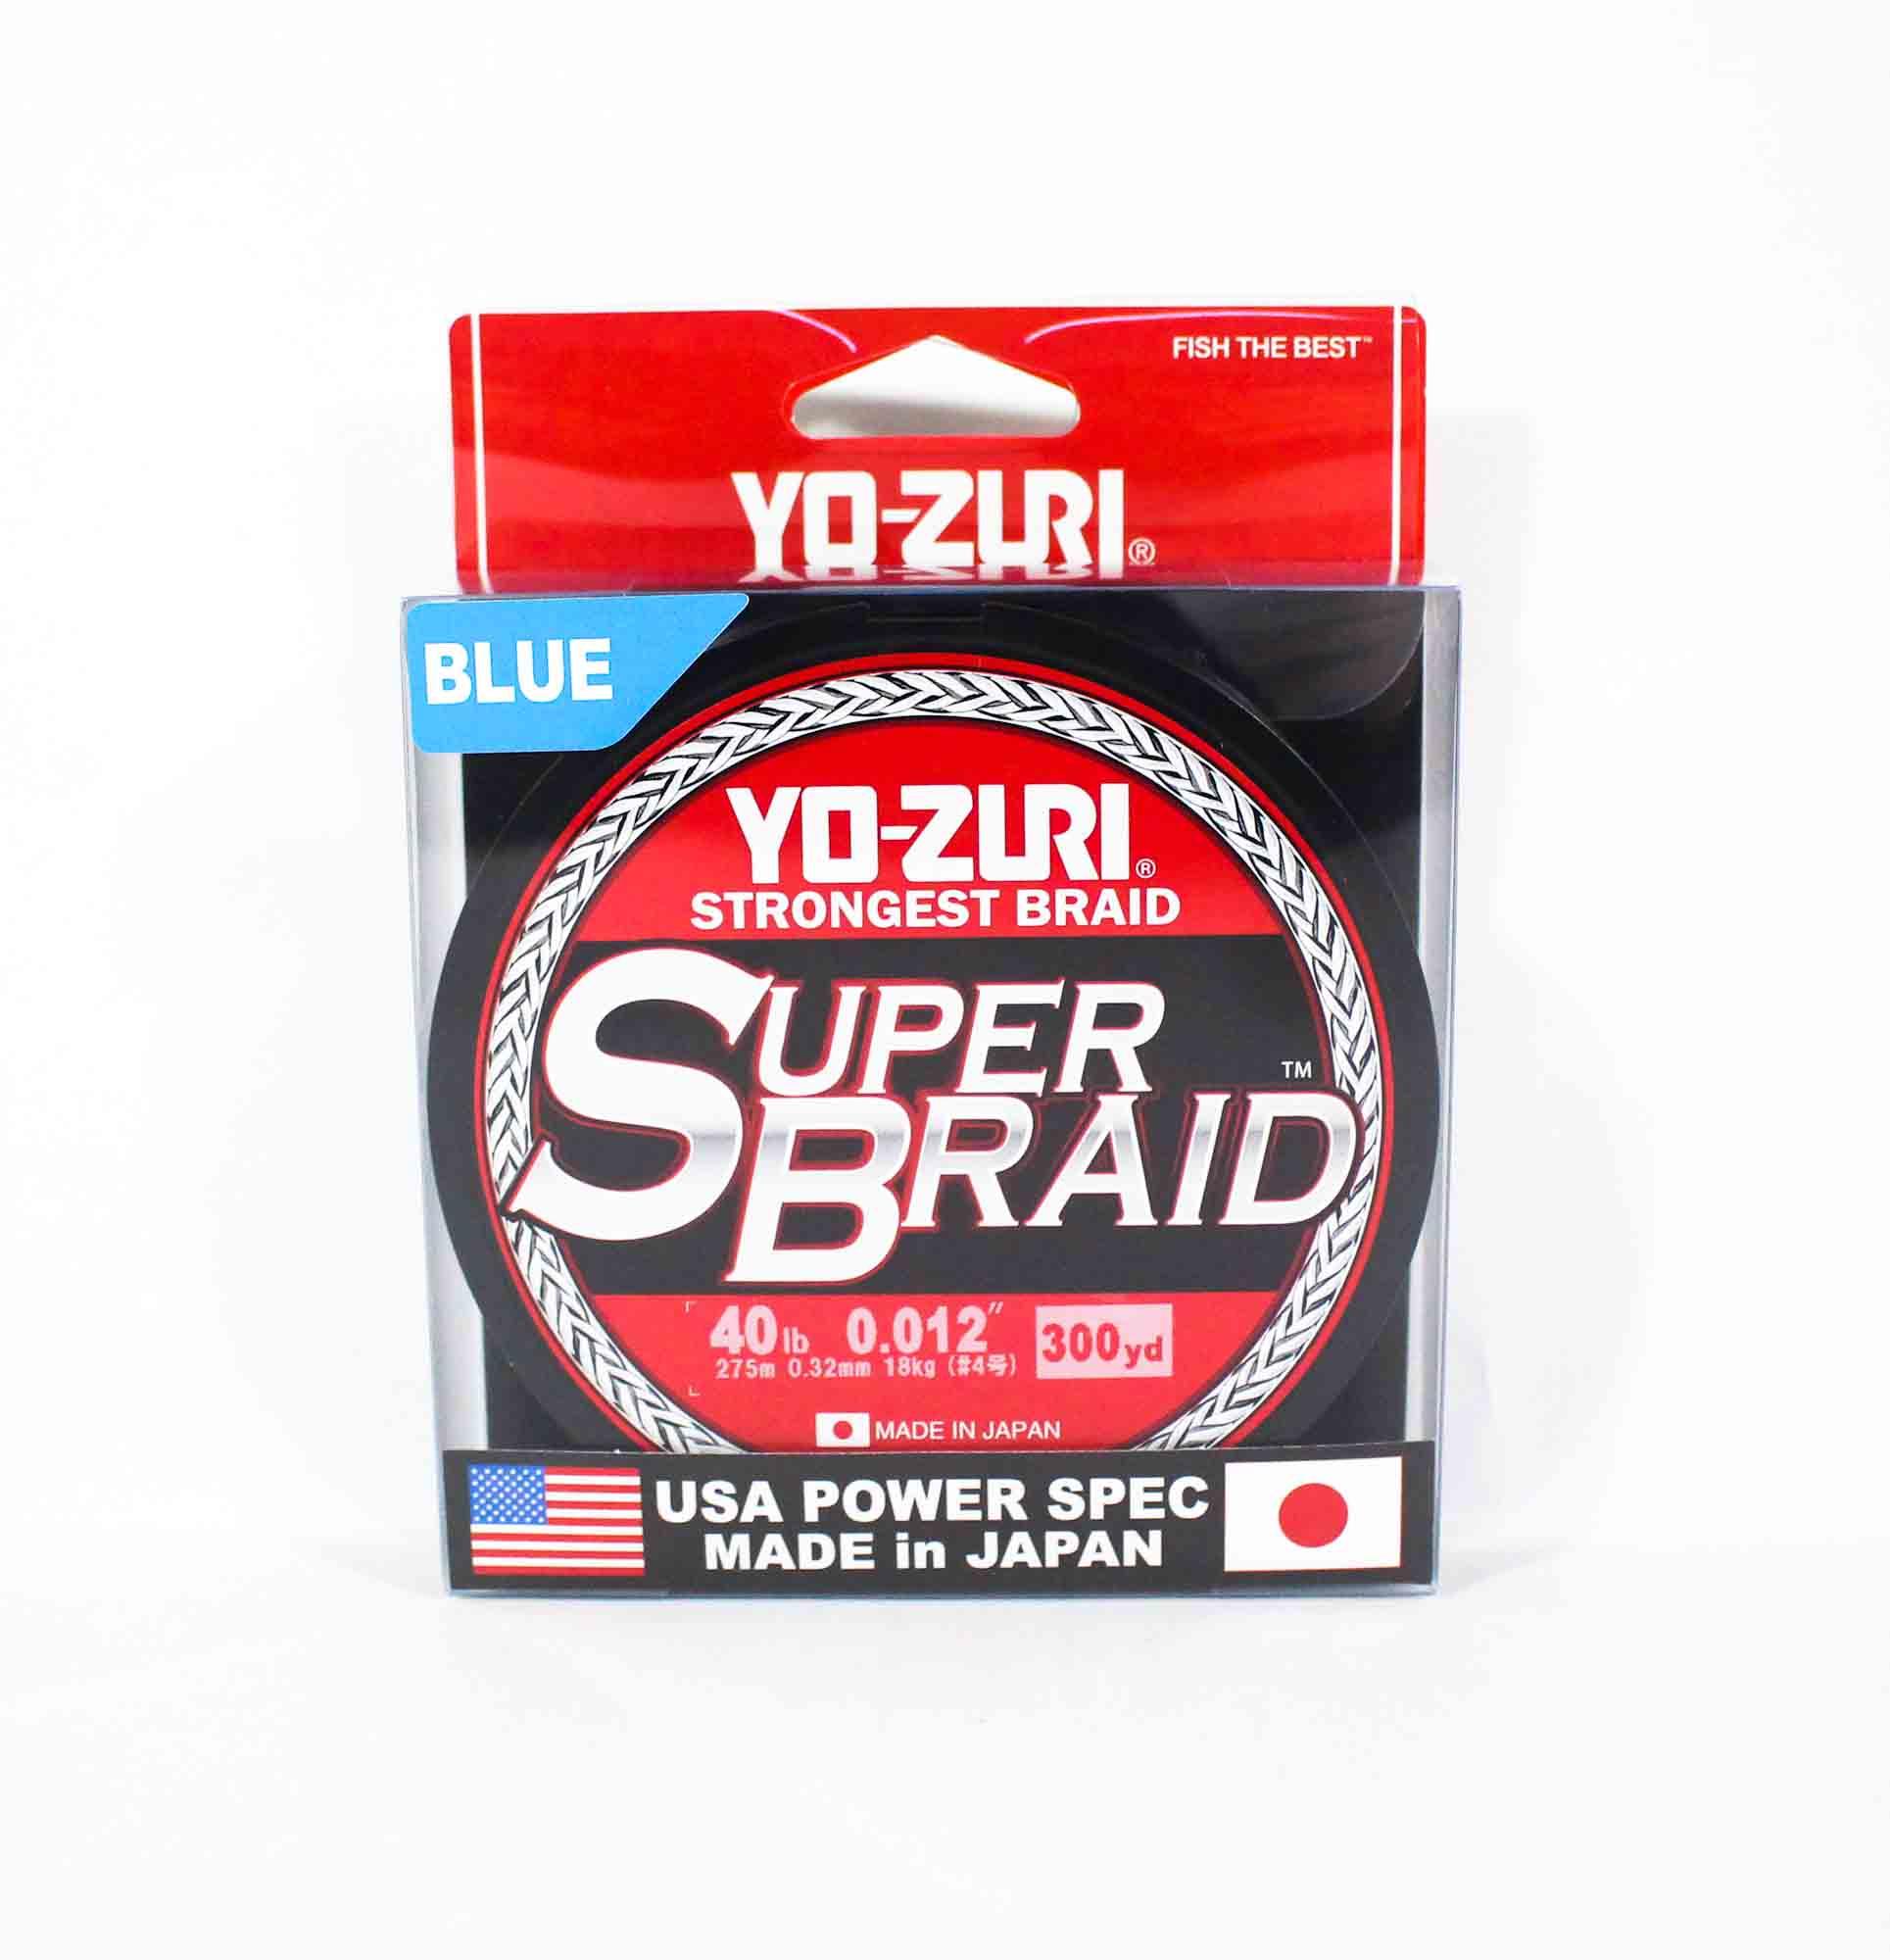 Yo Zuri Duel P.E Line Super Braid 300YDS 40Lbs (0.32mm) Blue R1268-B (1354)